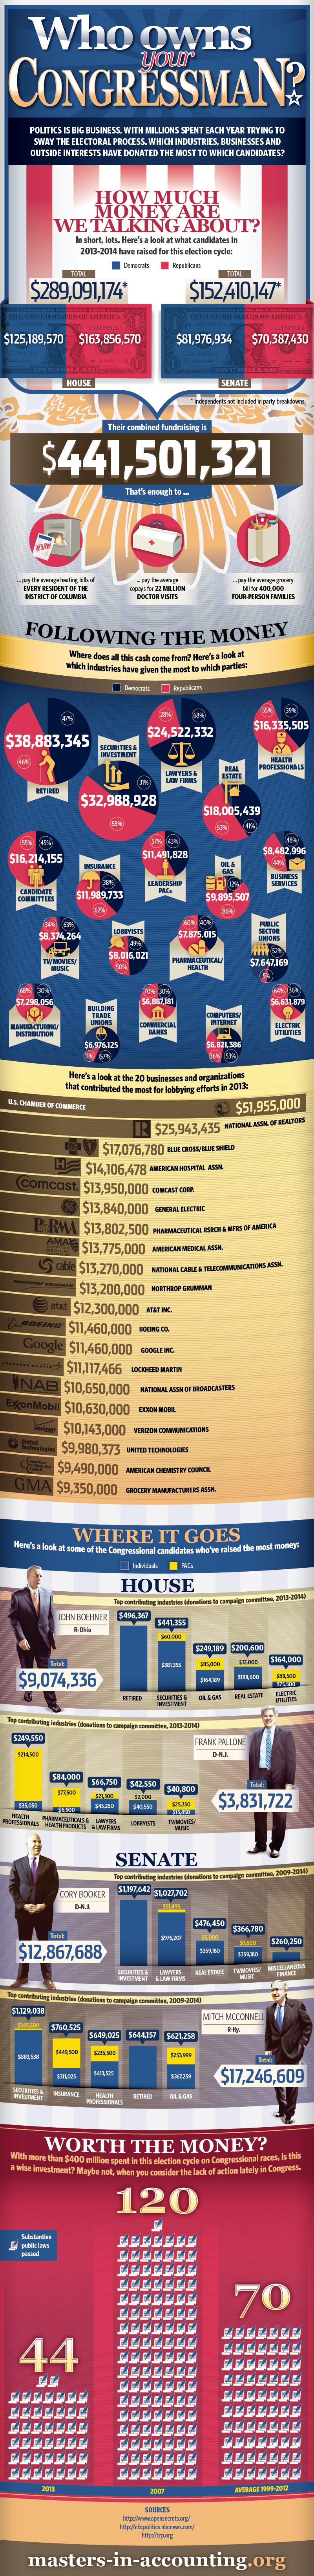 CongressInfluence.jpg